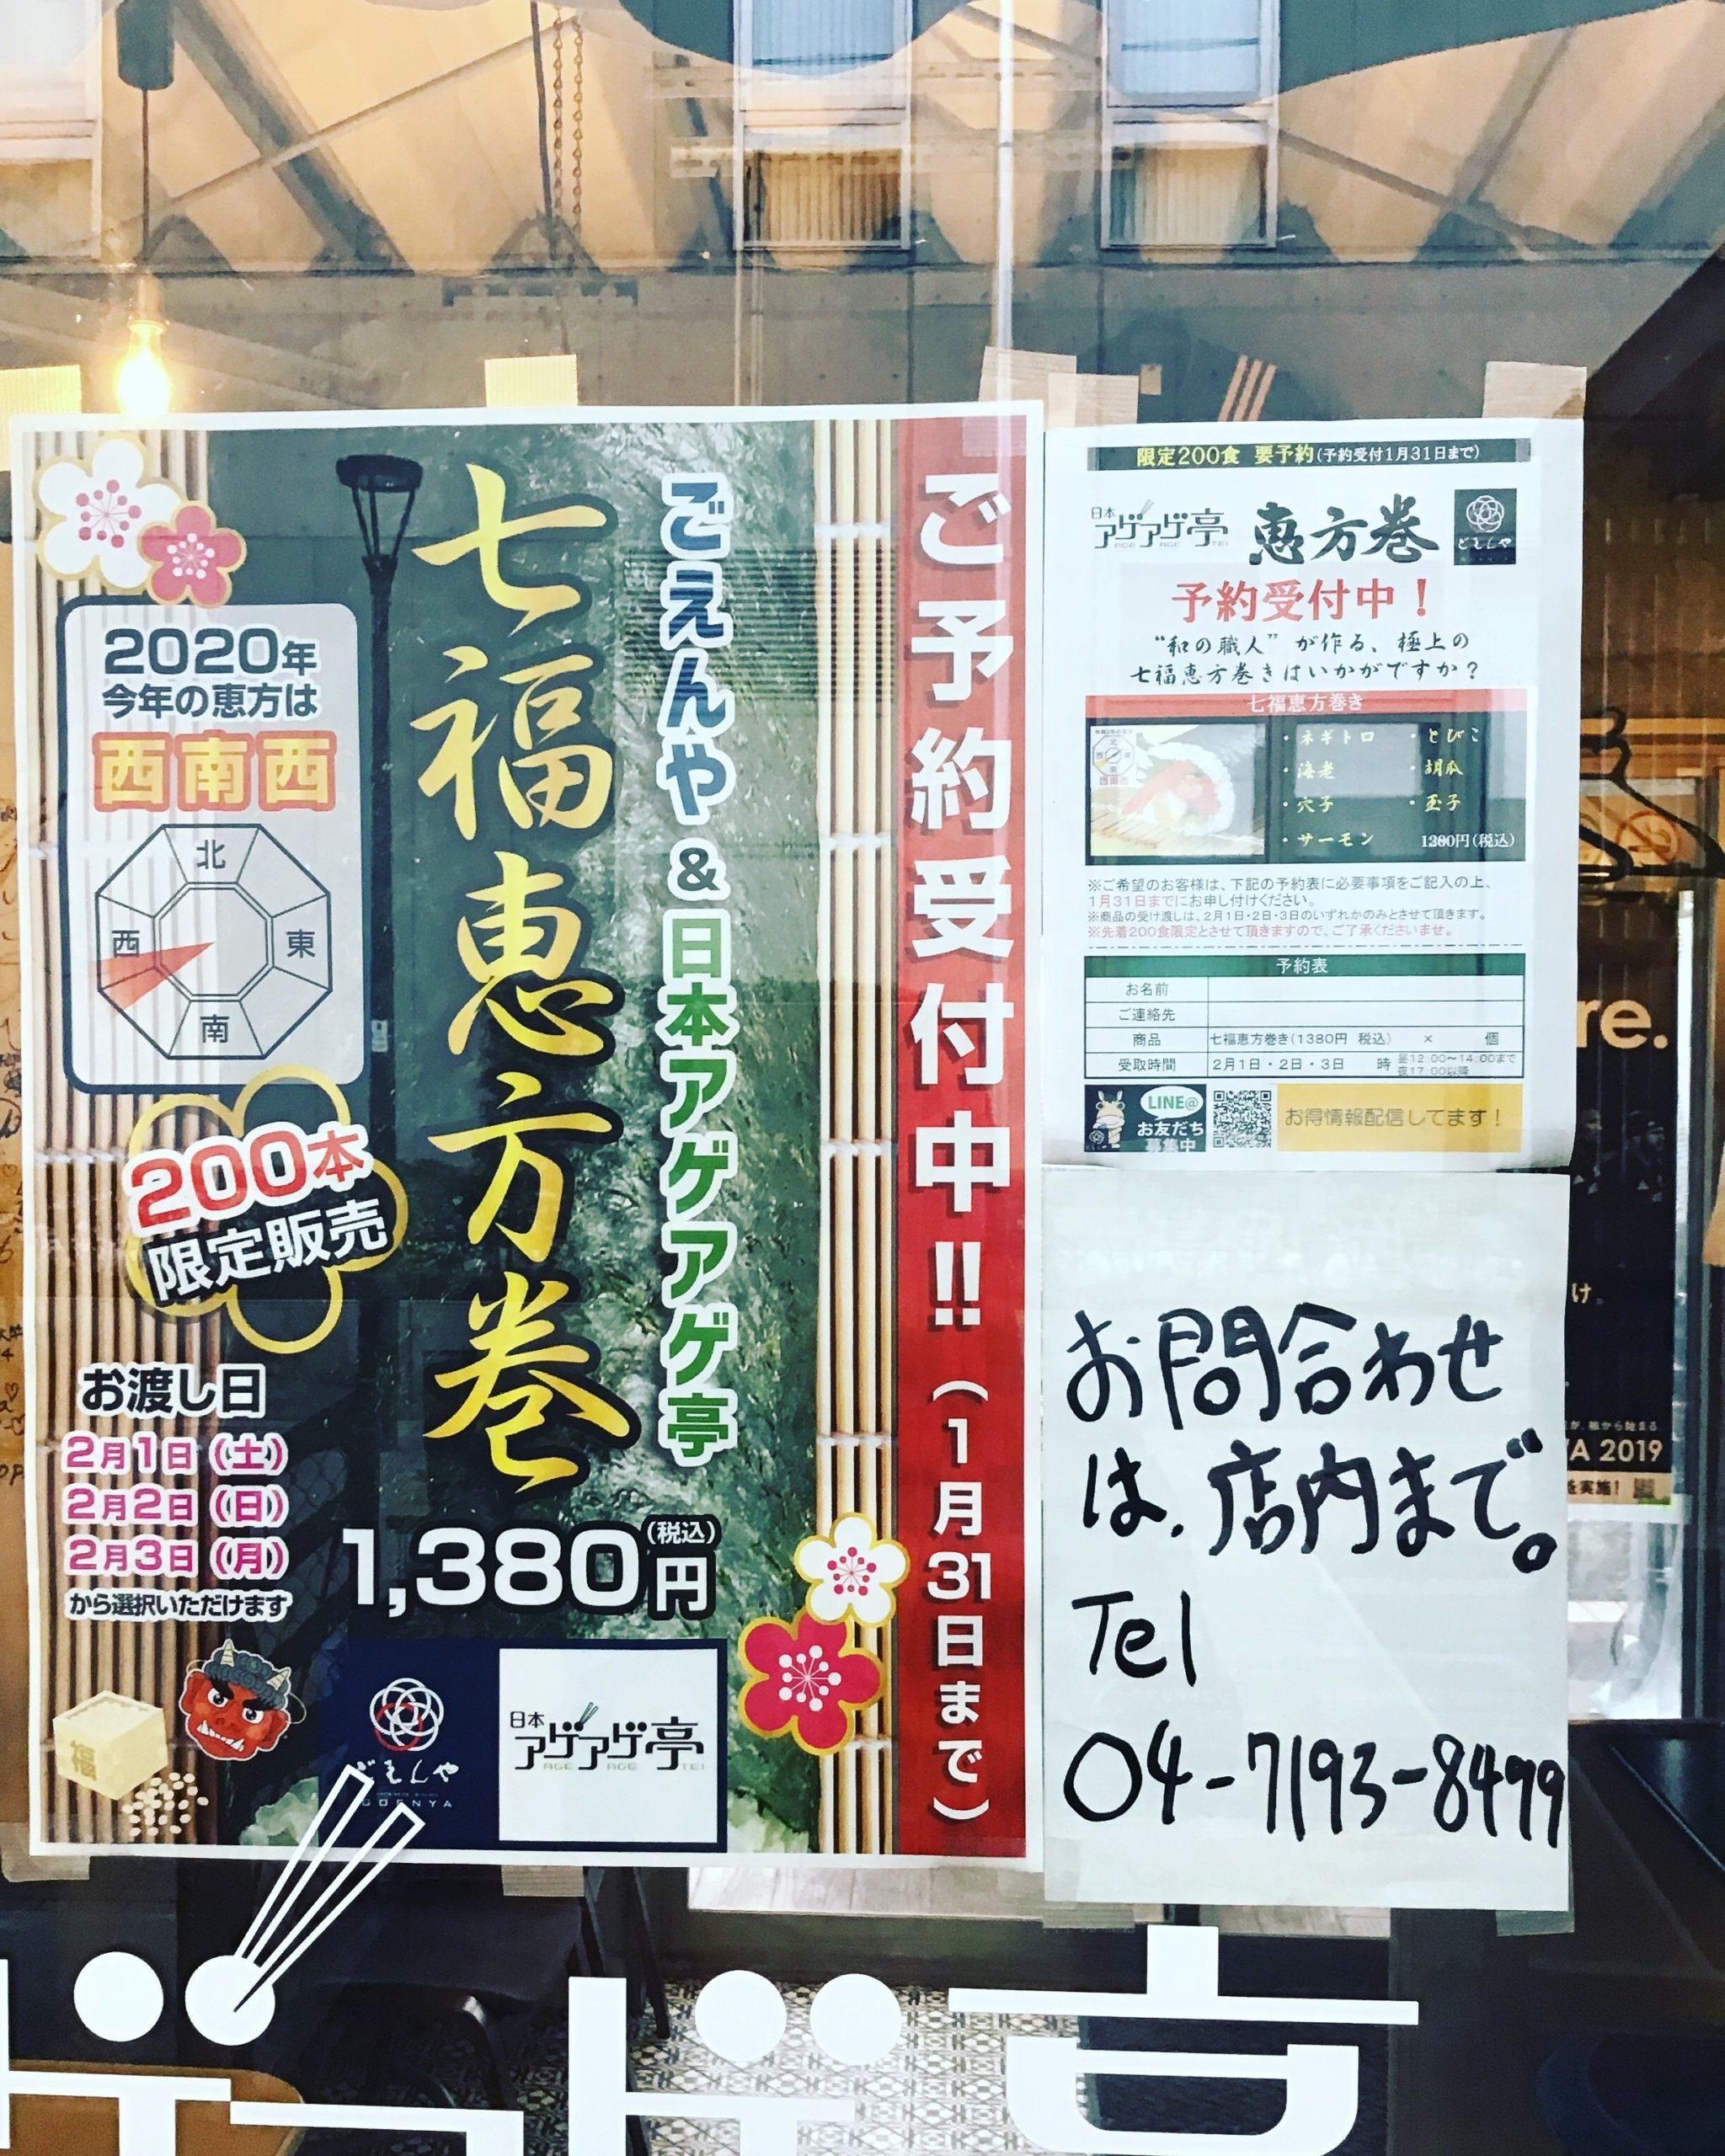 ハナキンですねwww日本アゲアゲ亭